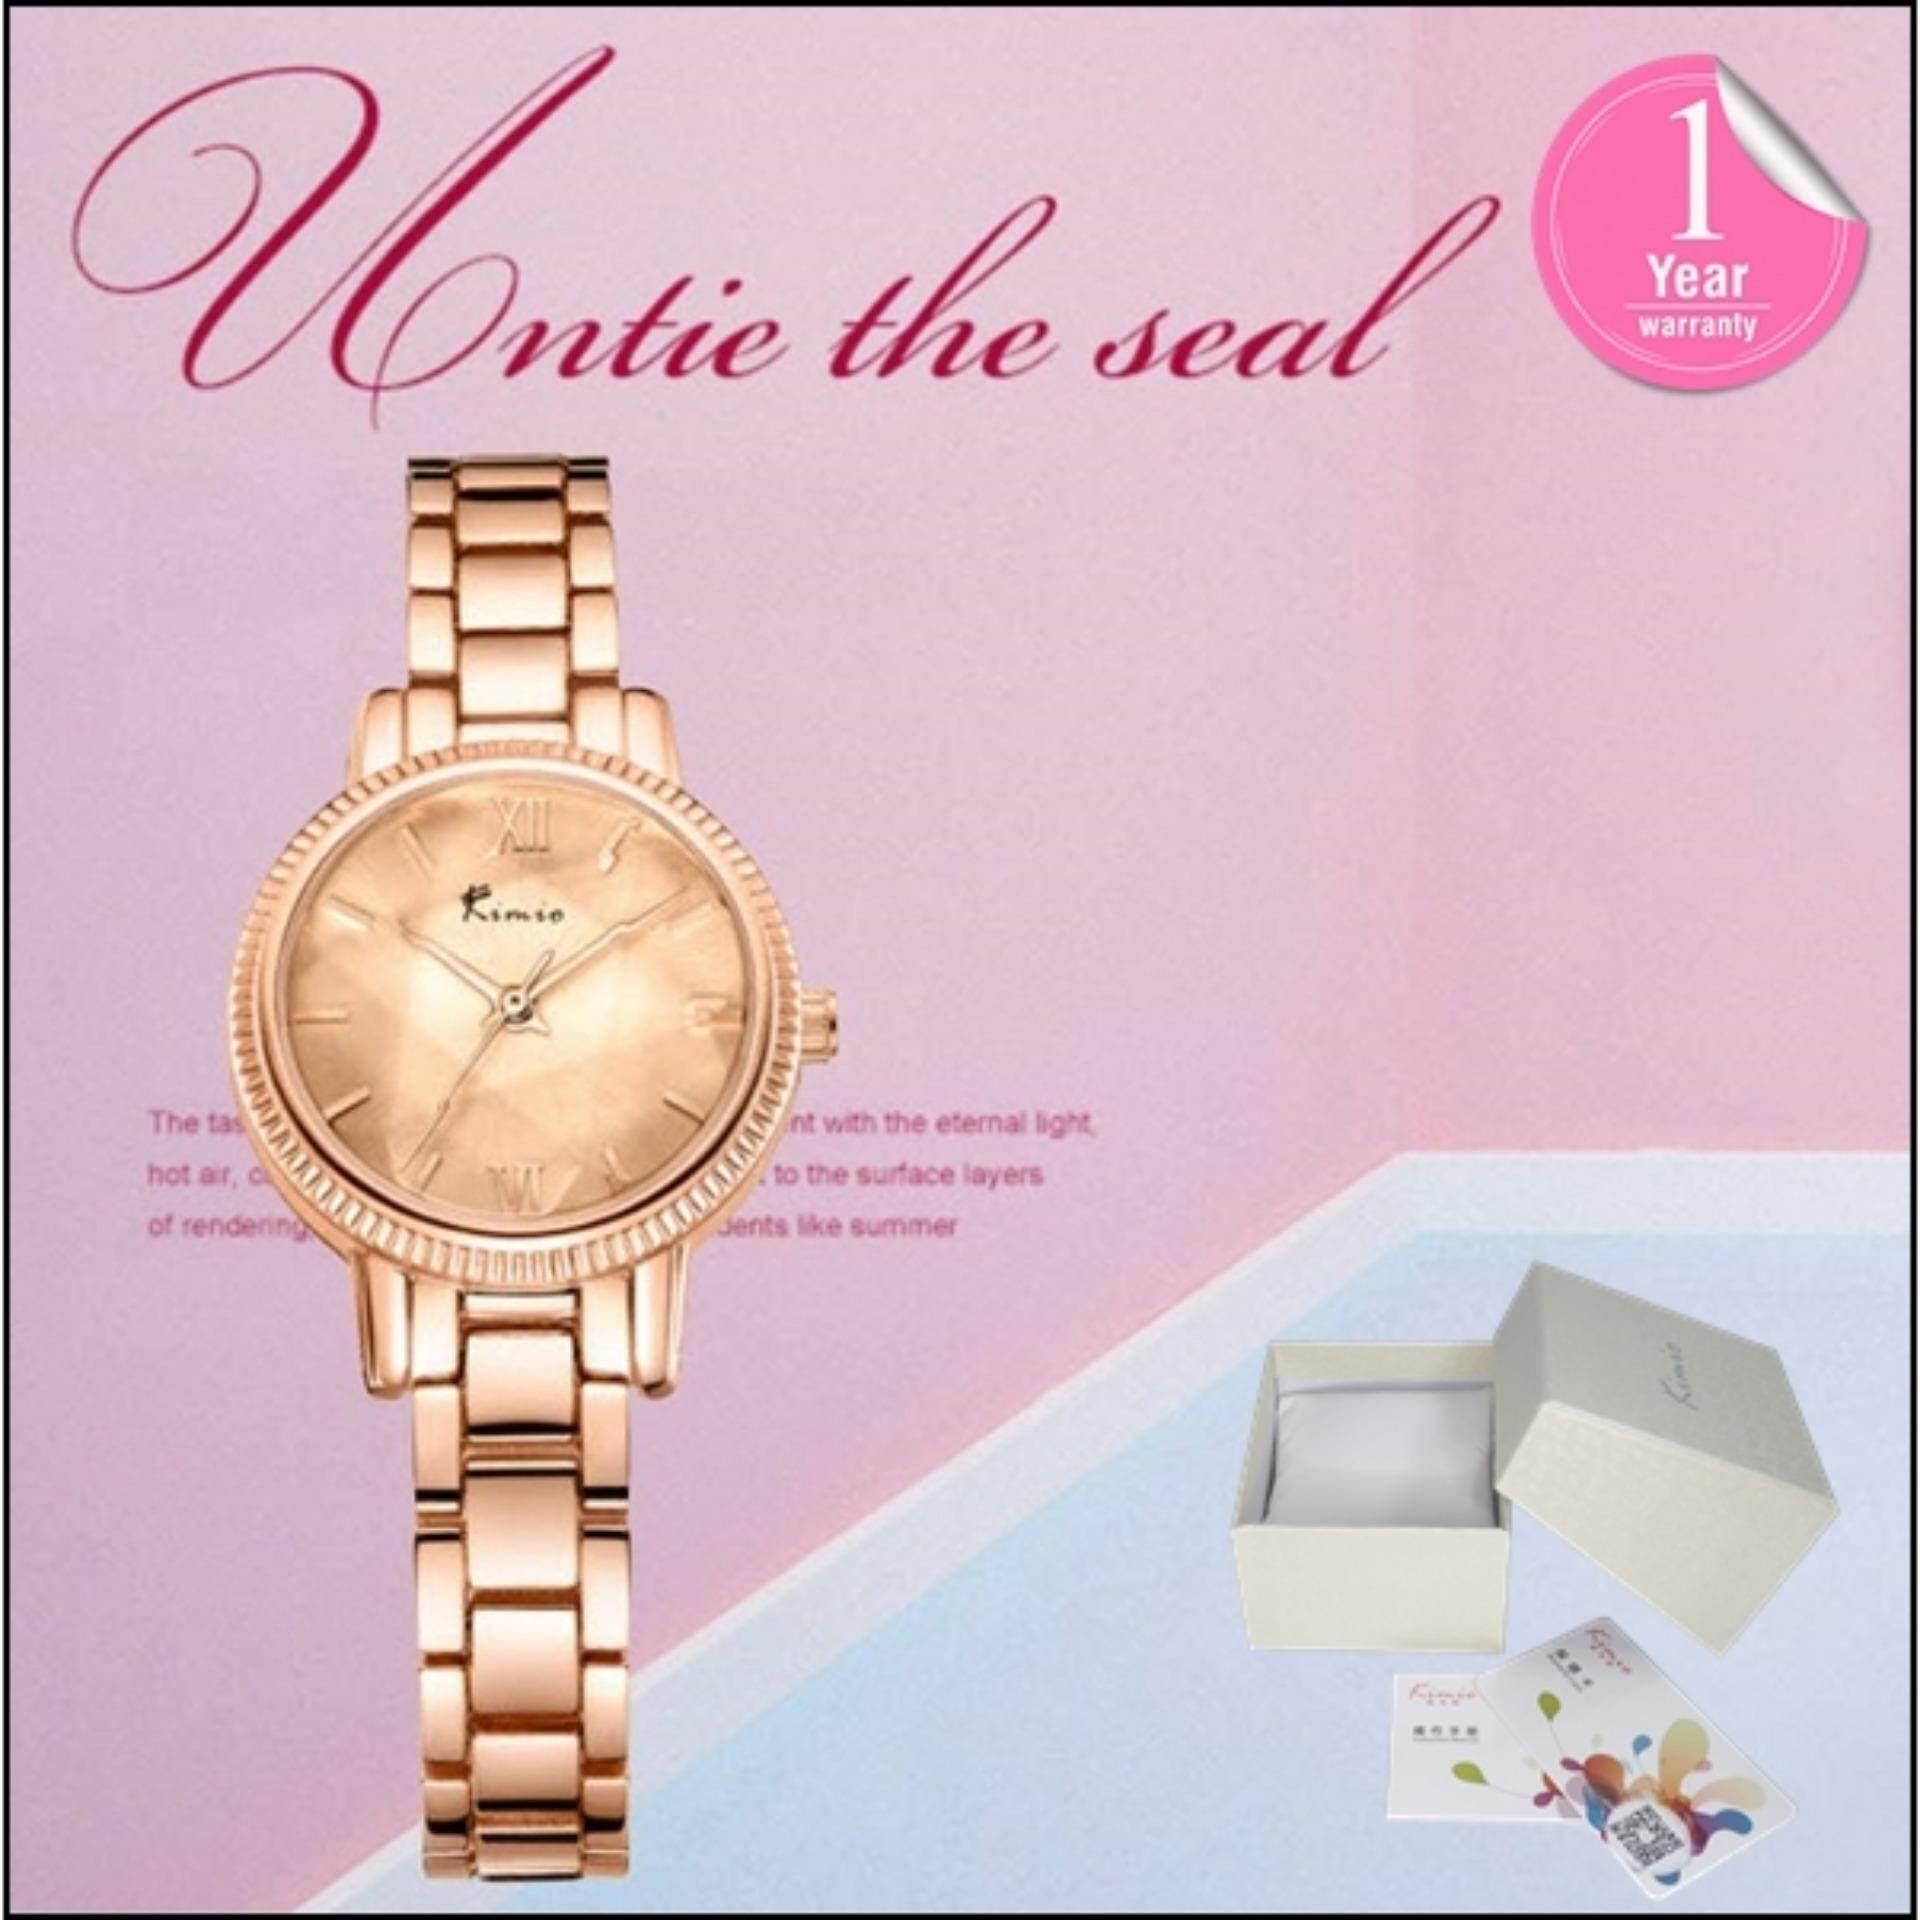 ส่วนลด Kimio นาฬิกาข้อมือผู้หญิง สายสแตนเลส สีโรสด์โกล์ด รุ่น Kw6139 สมุทรปราการ